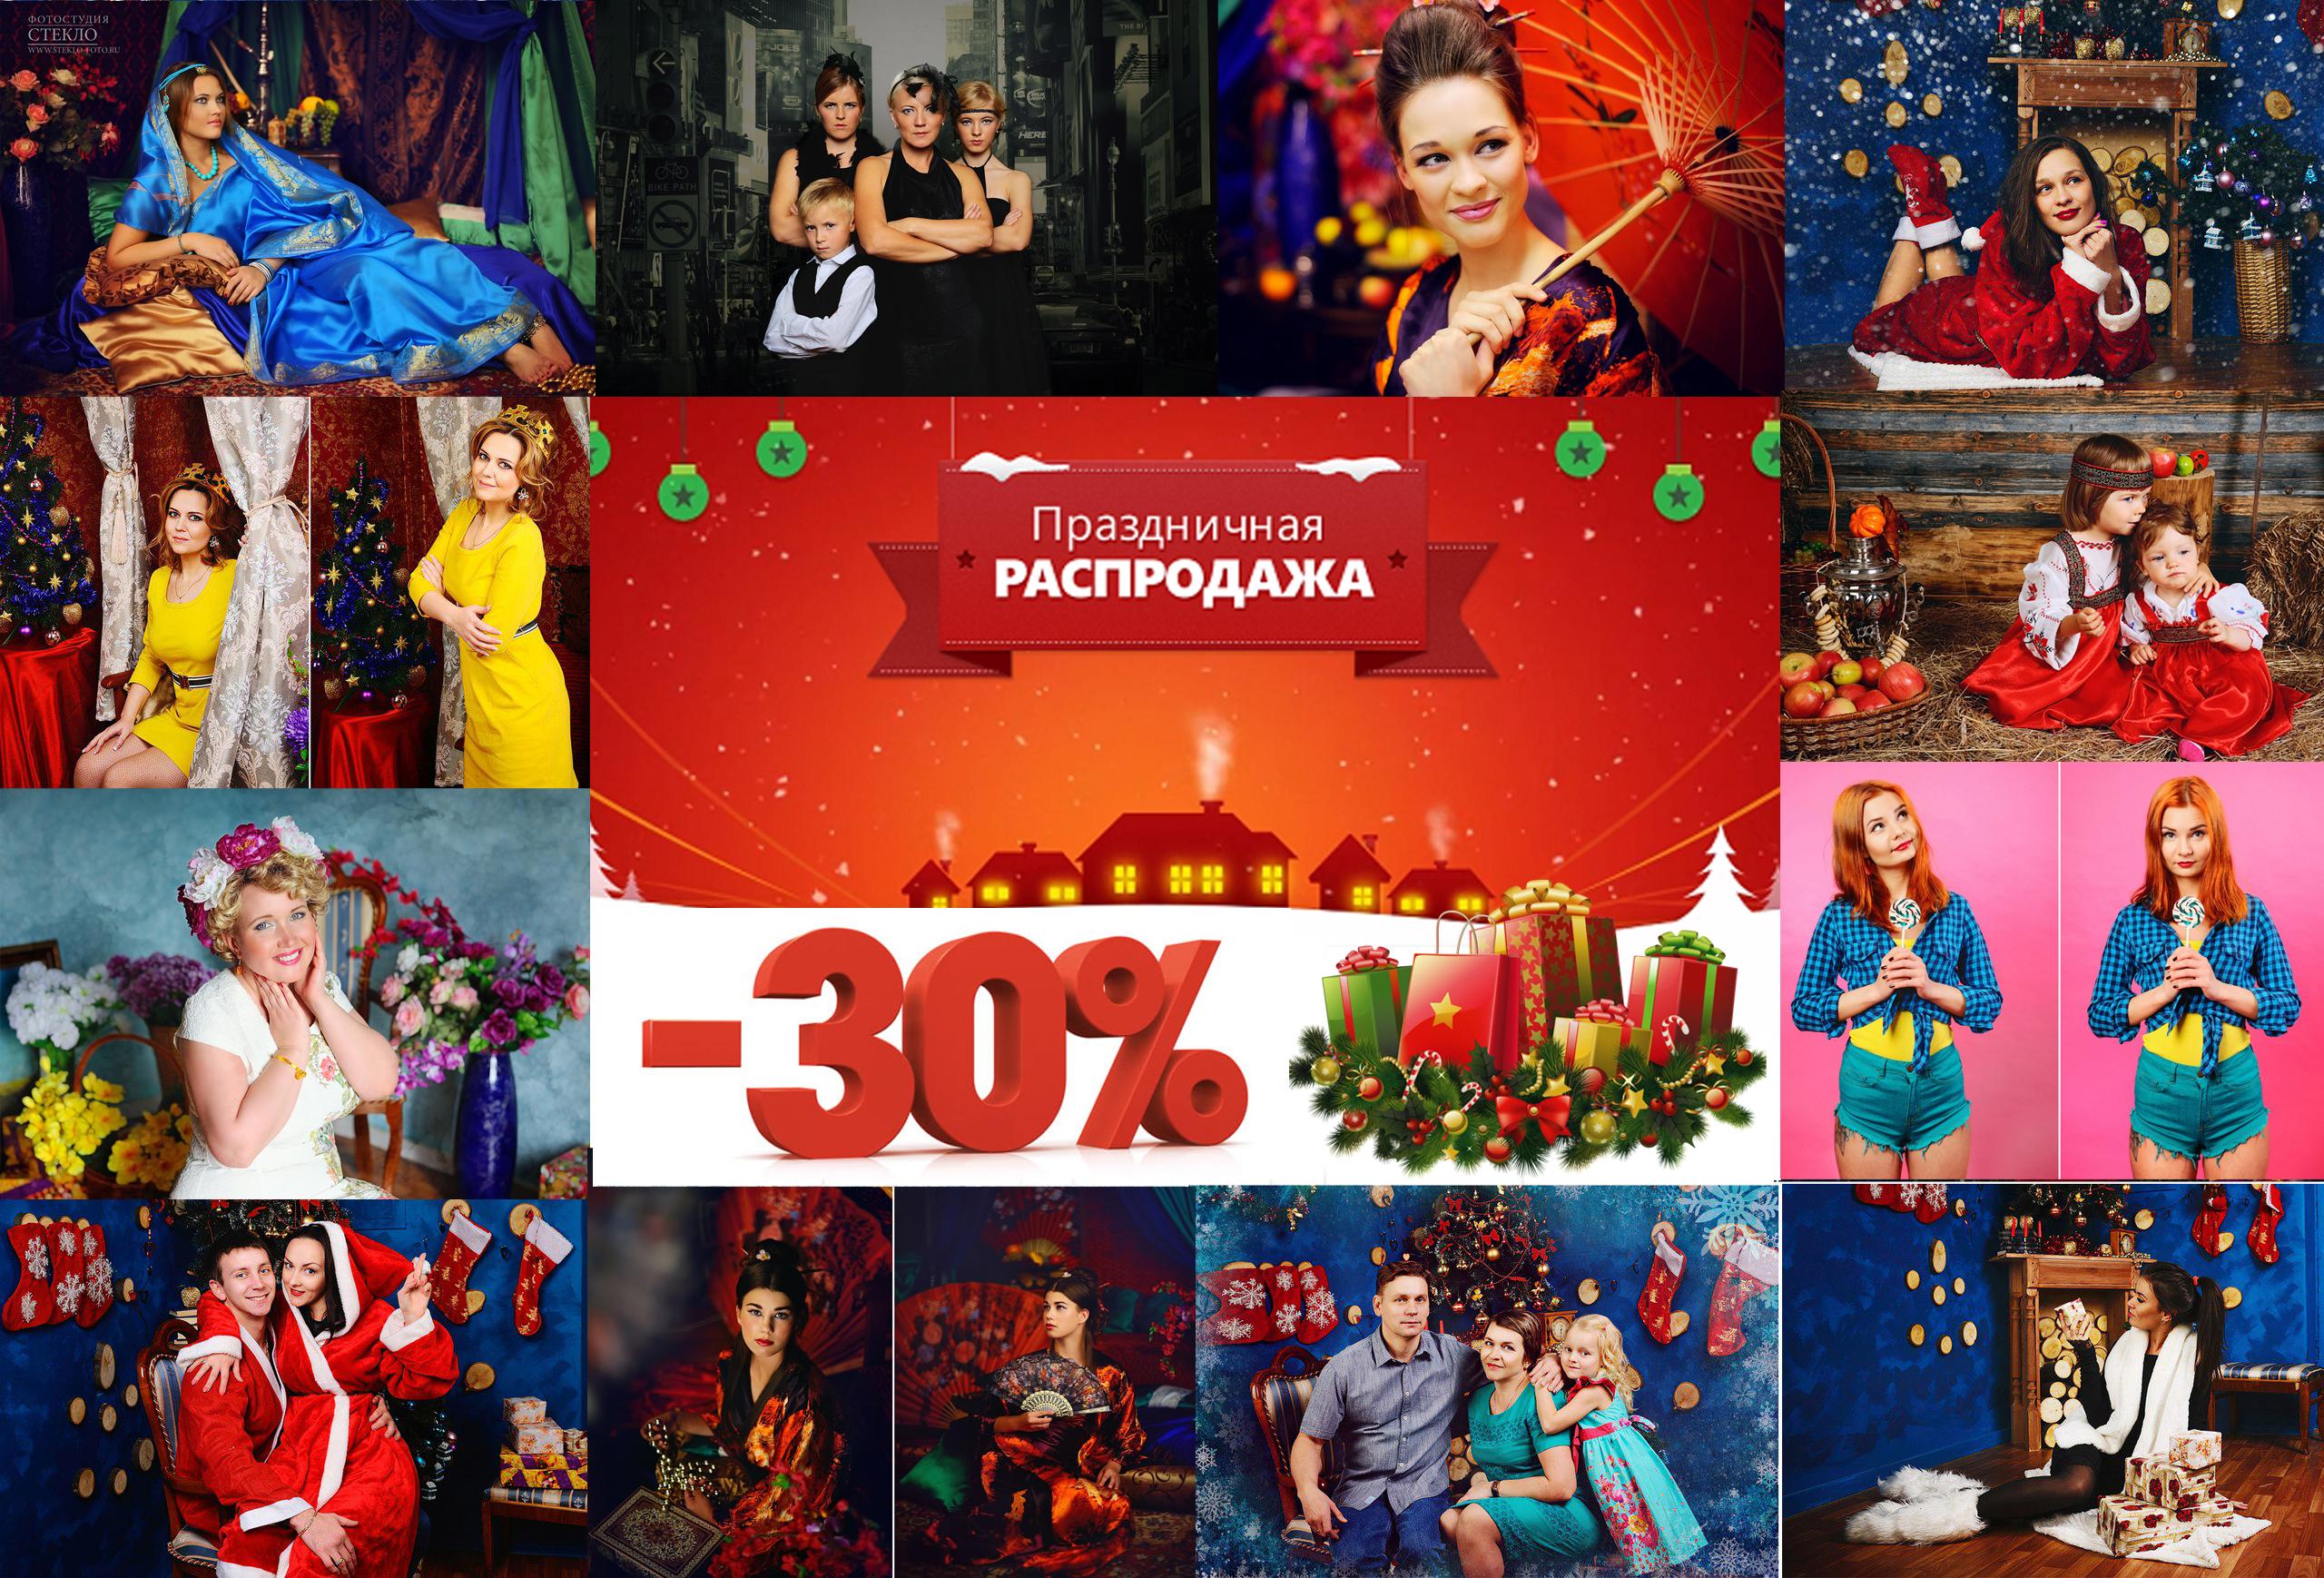 СКИДКА НА СЕРТИФИКАТЫ НА ФОТОСЕССИЮ 30%!!!!